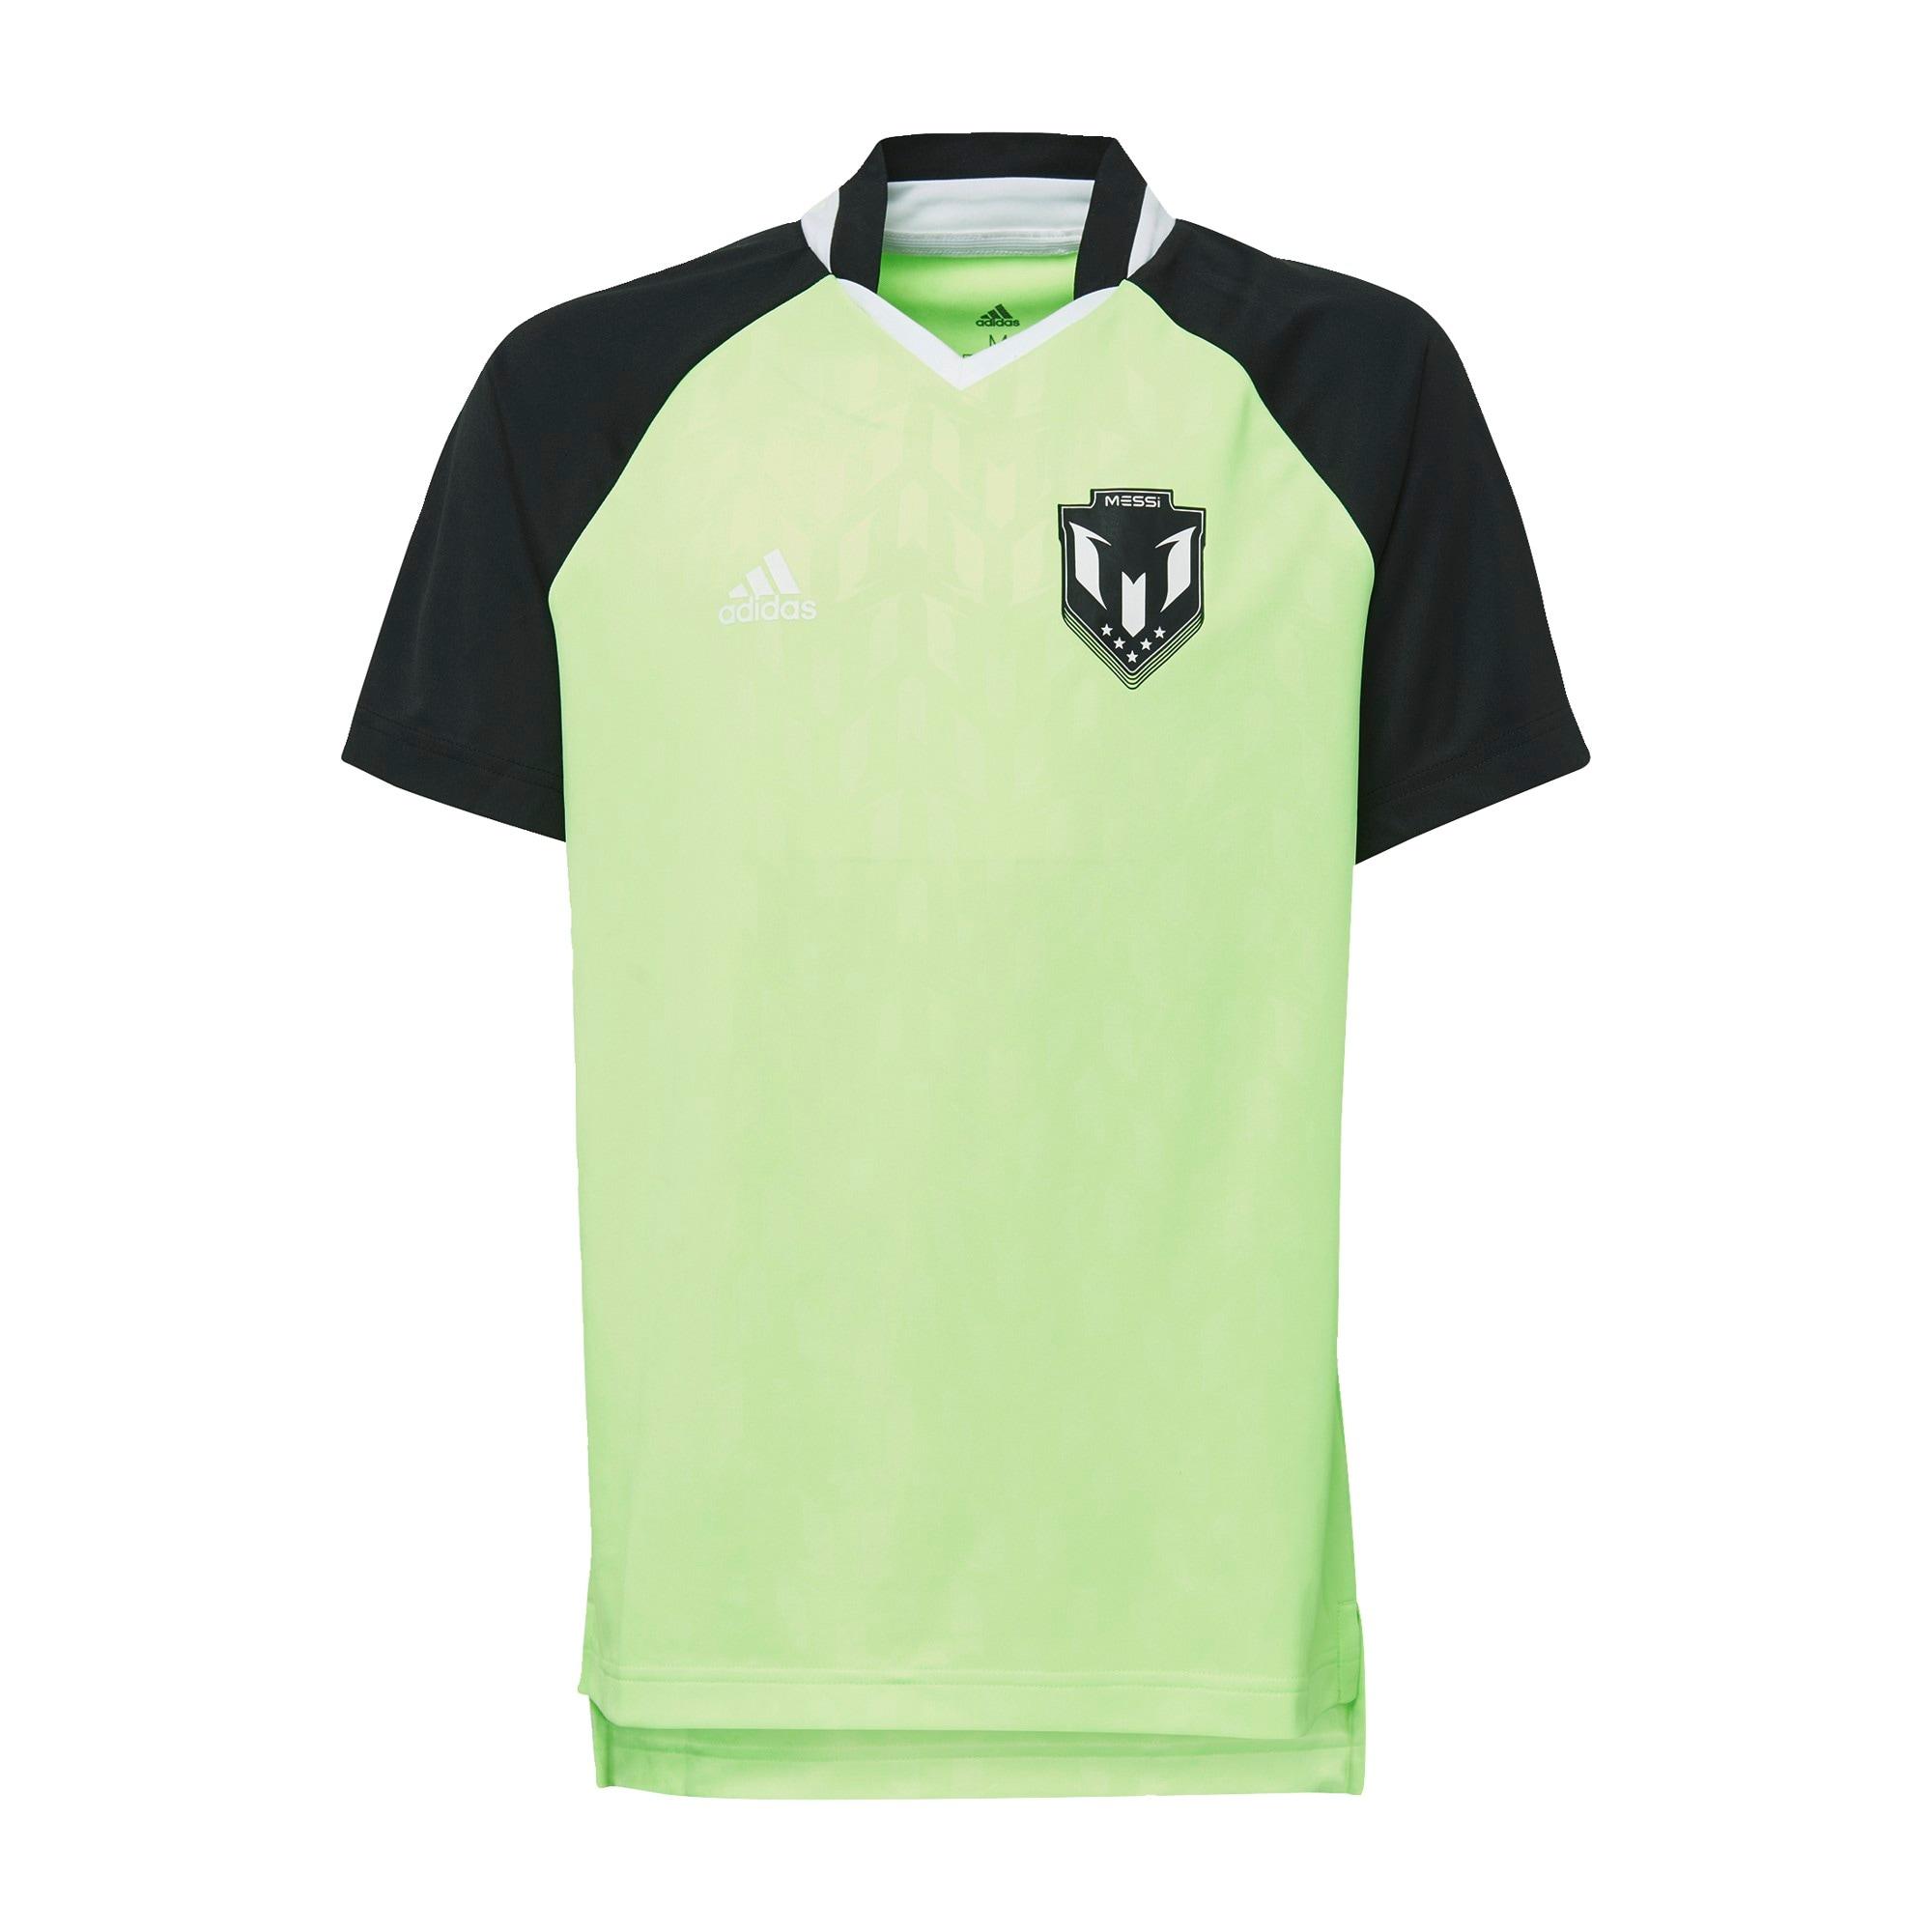 ADIDAS PERFORMANCE Sportiniai marškinėliai juoda / kivių spalva